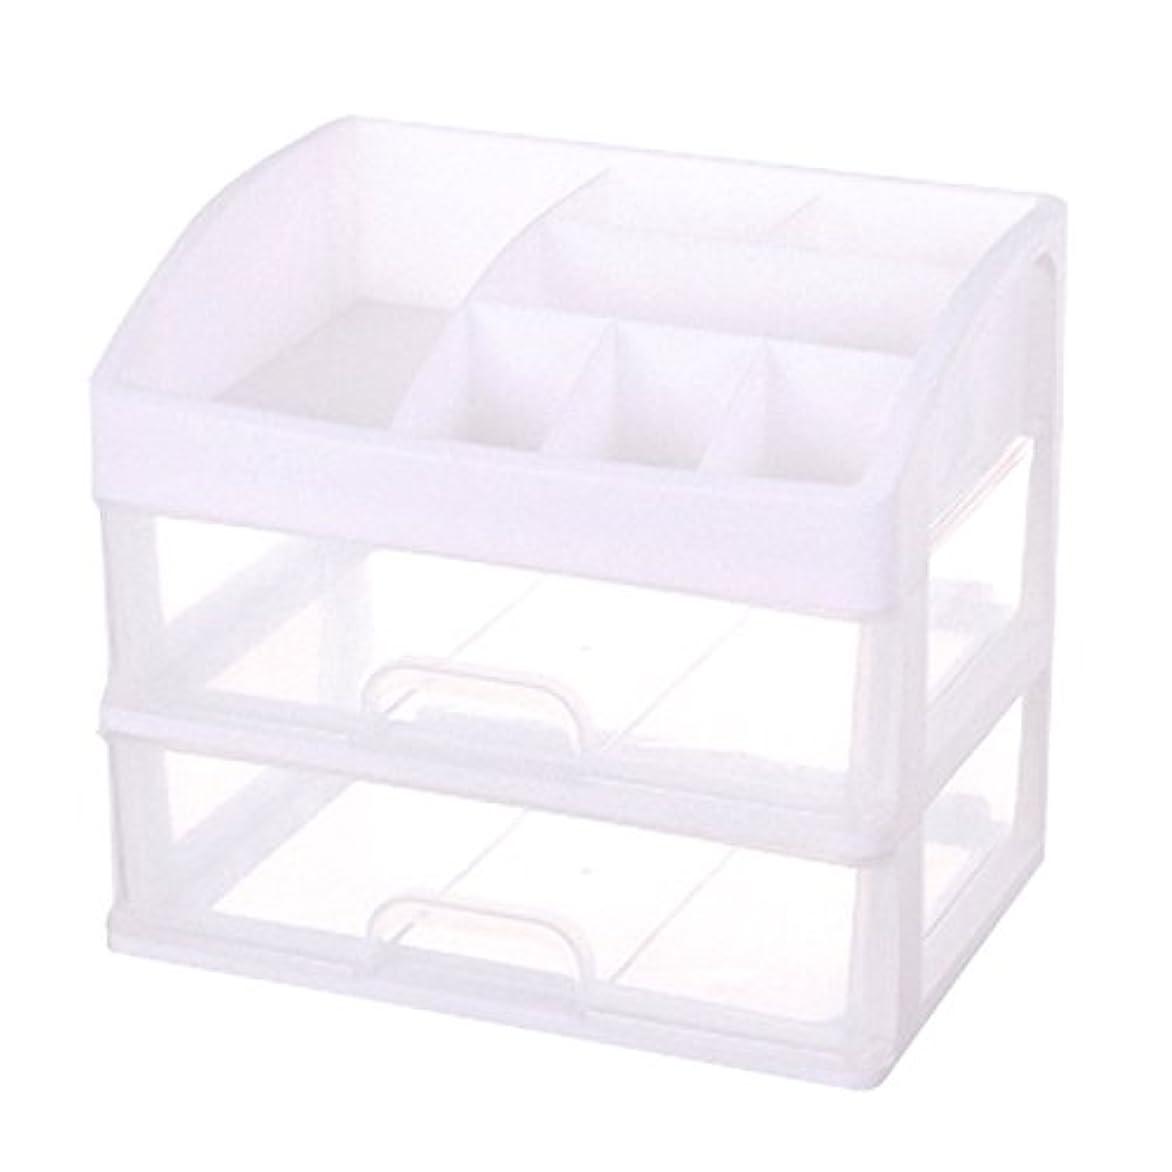 事前に生産的悩みFelimoa 化粧品収納ボックス メイクケース コスメ収納ボックス 引き出し小物 化粧品入れ